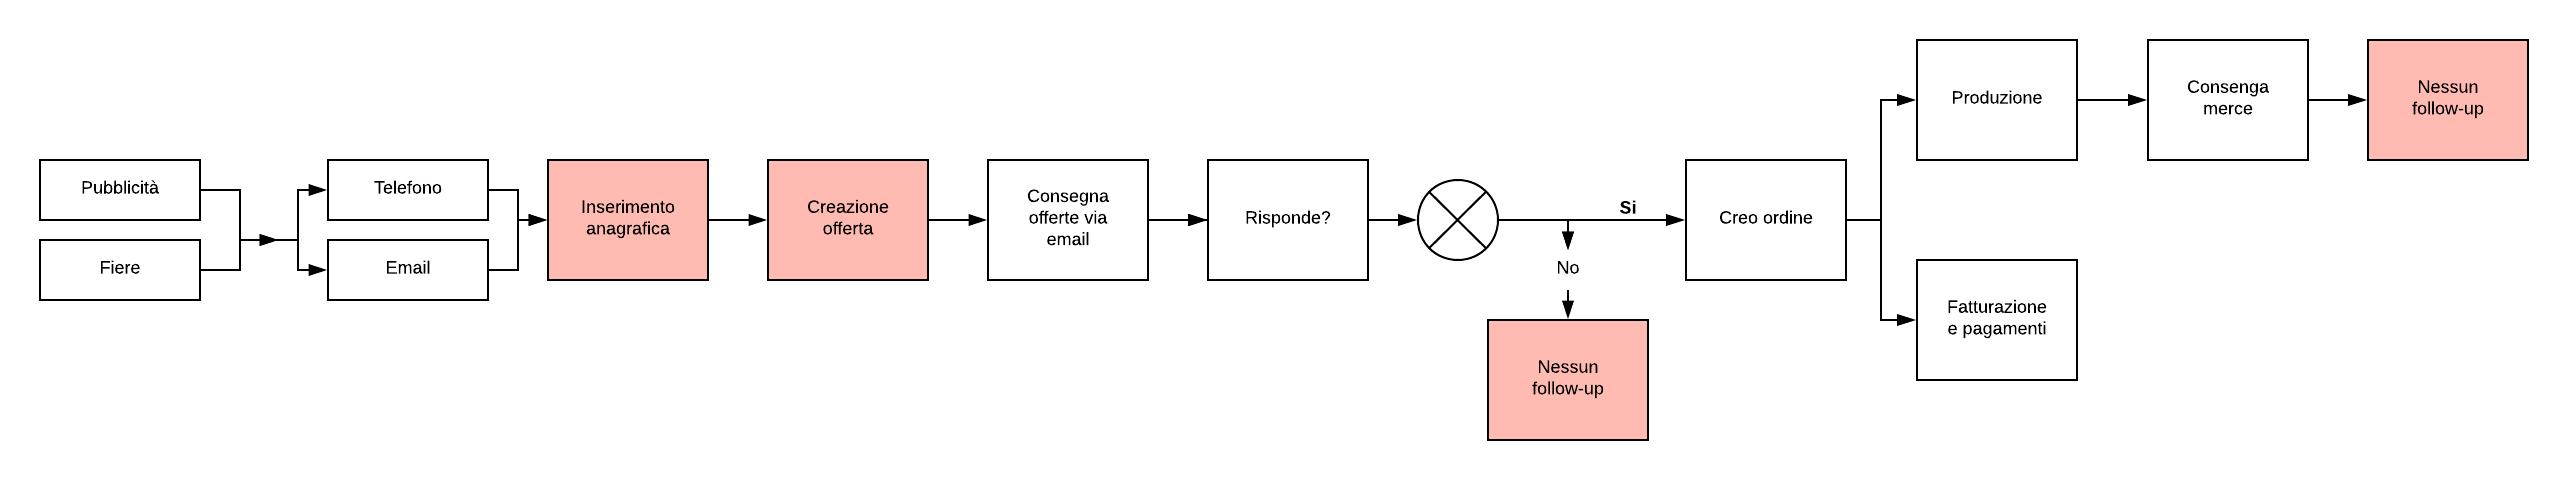 grafico-processi-attuali-crmfacile-cloudnova